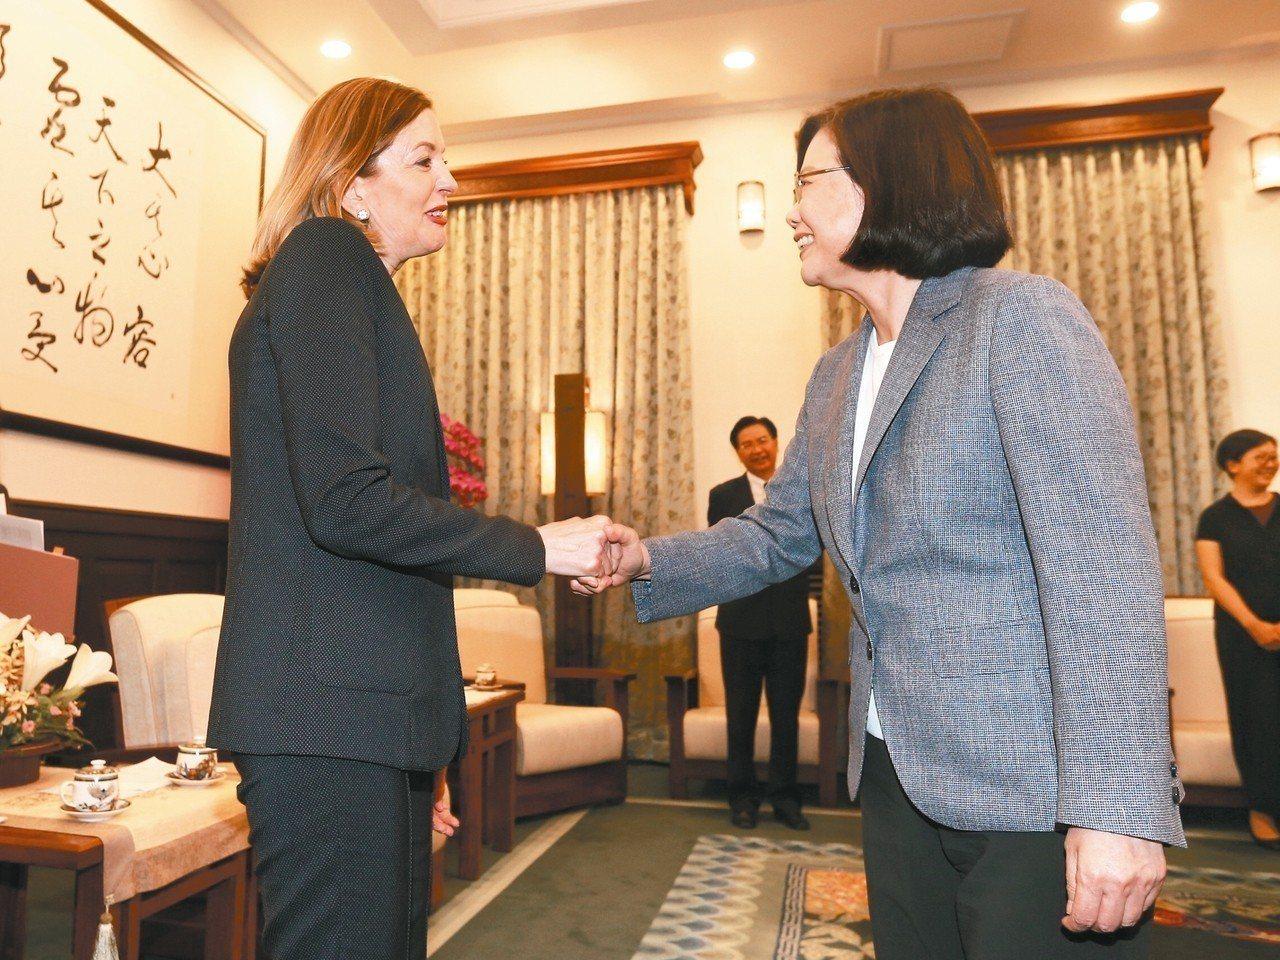 美國助理國務卿羅伊斯(左)來台訪問,蔡英文總統(右)昨接見時表示,這代表美國支持...